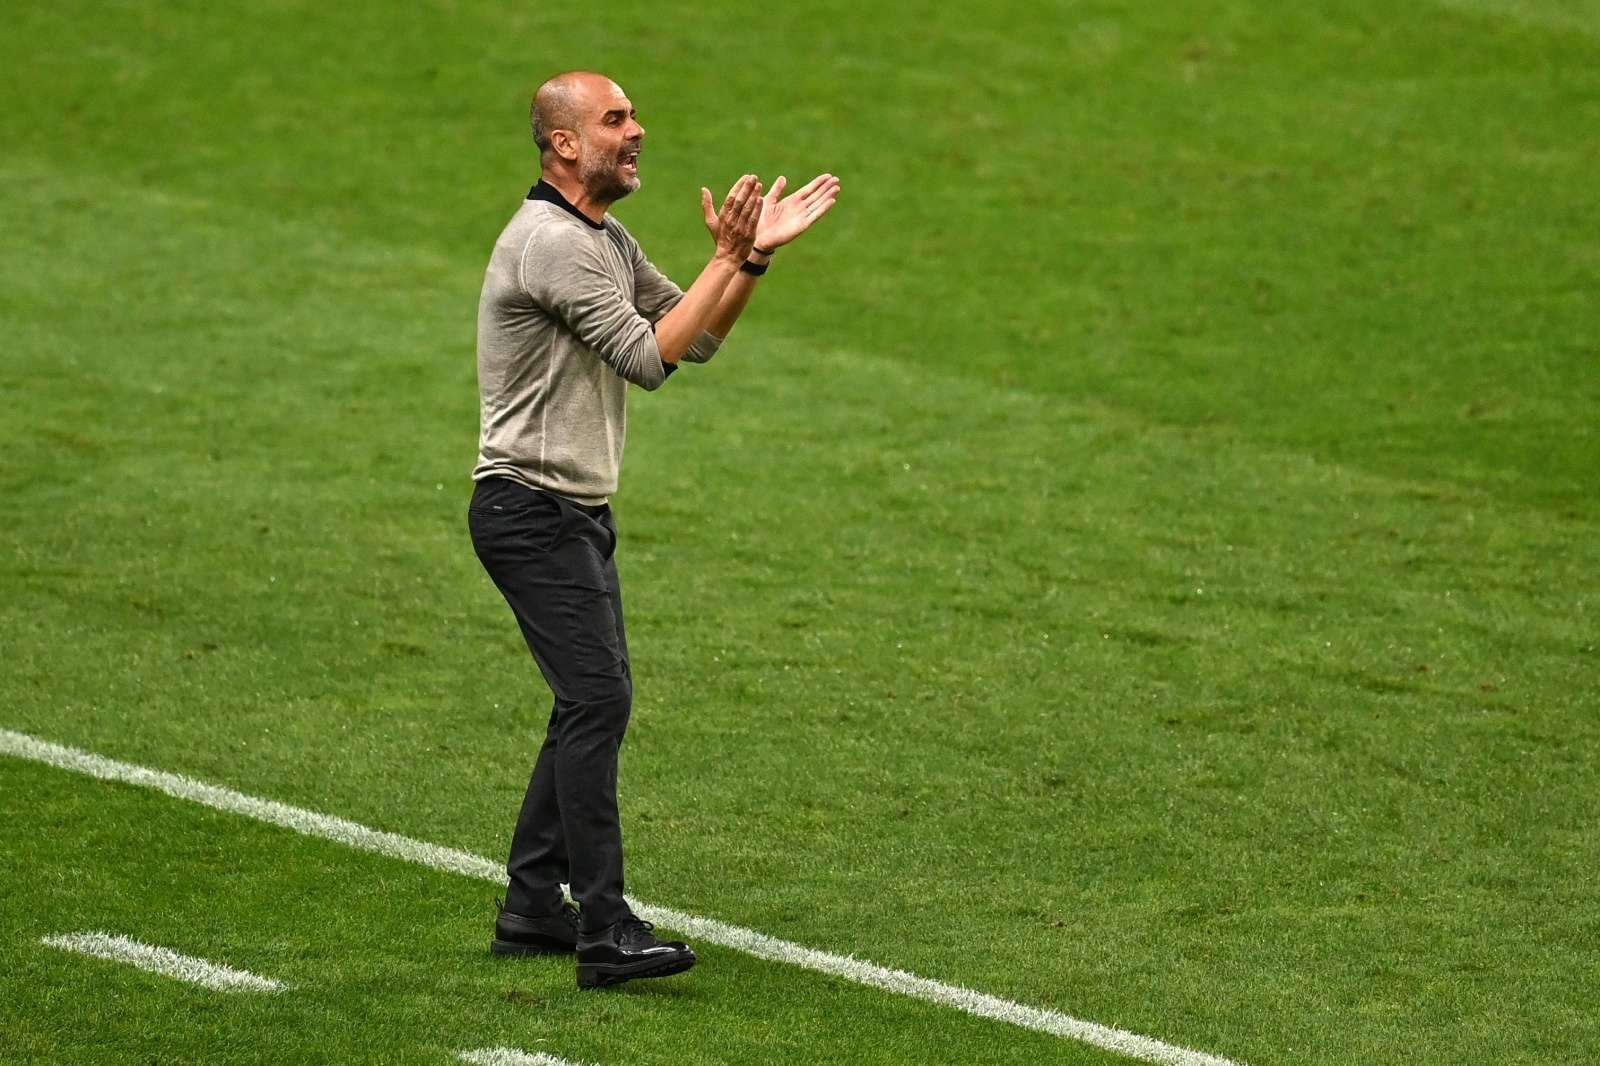 «Птенцы» Гвардиолы опять побеждают: «Манчестер Сити» перещеголял «Саутгемптон» в открытом матче